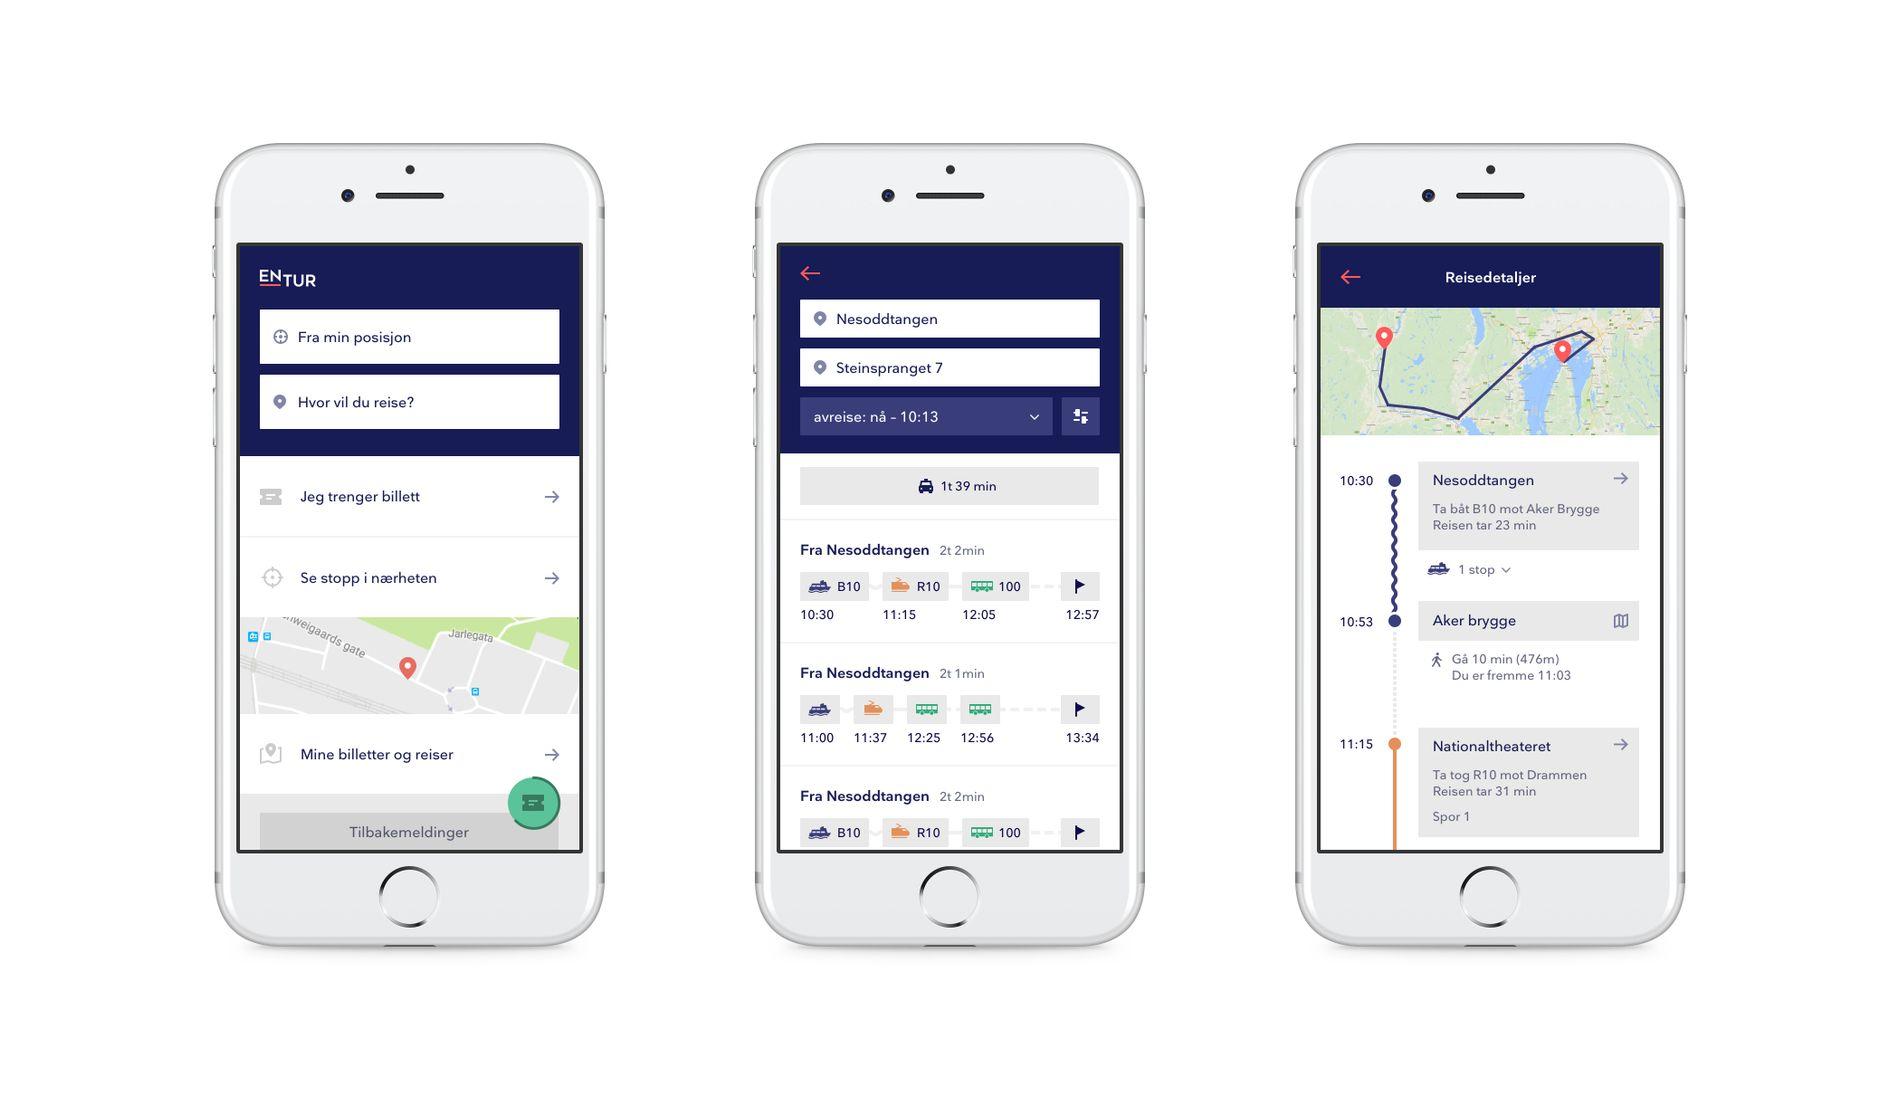 1,2,3: Her skal du reise fra Nesoddtangen til Vikersund og appen gir deg flere alternativer og tidspunkter for turen.